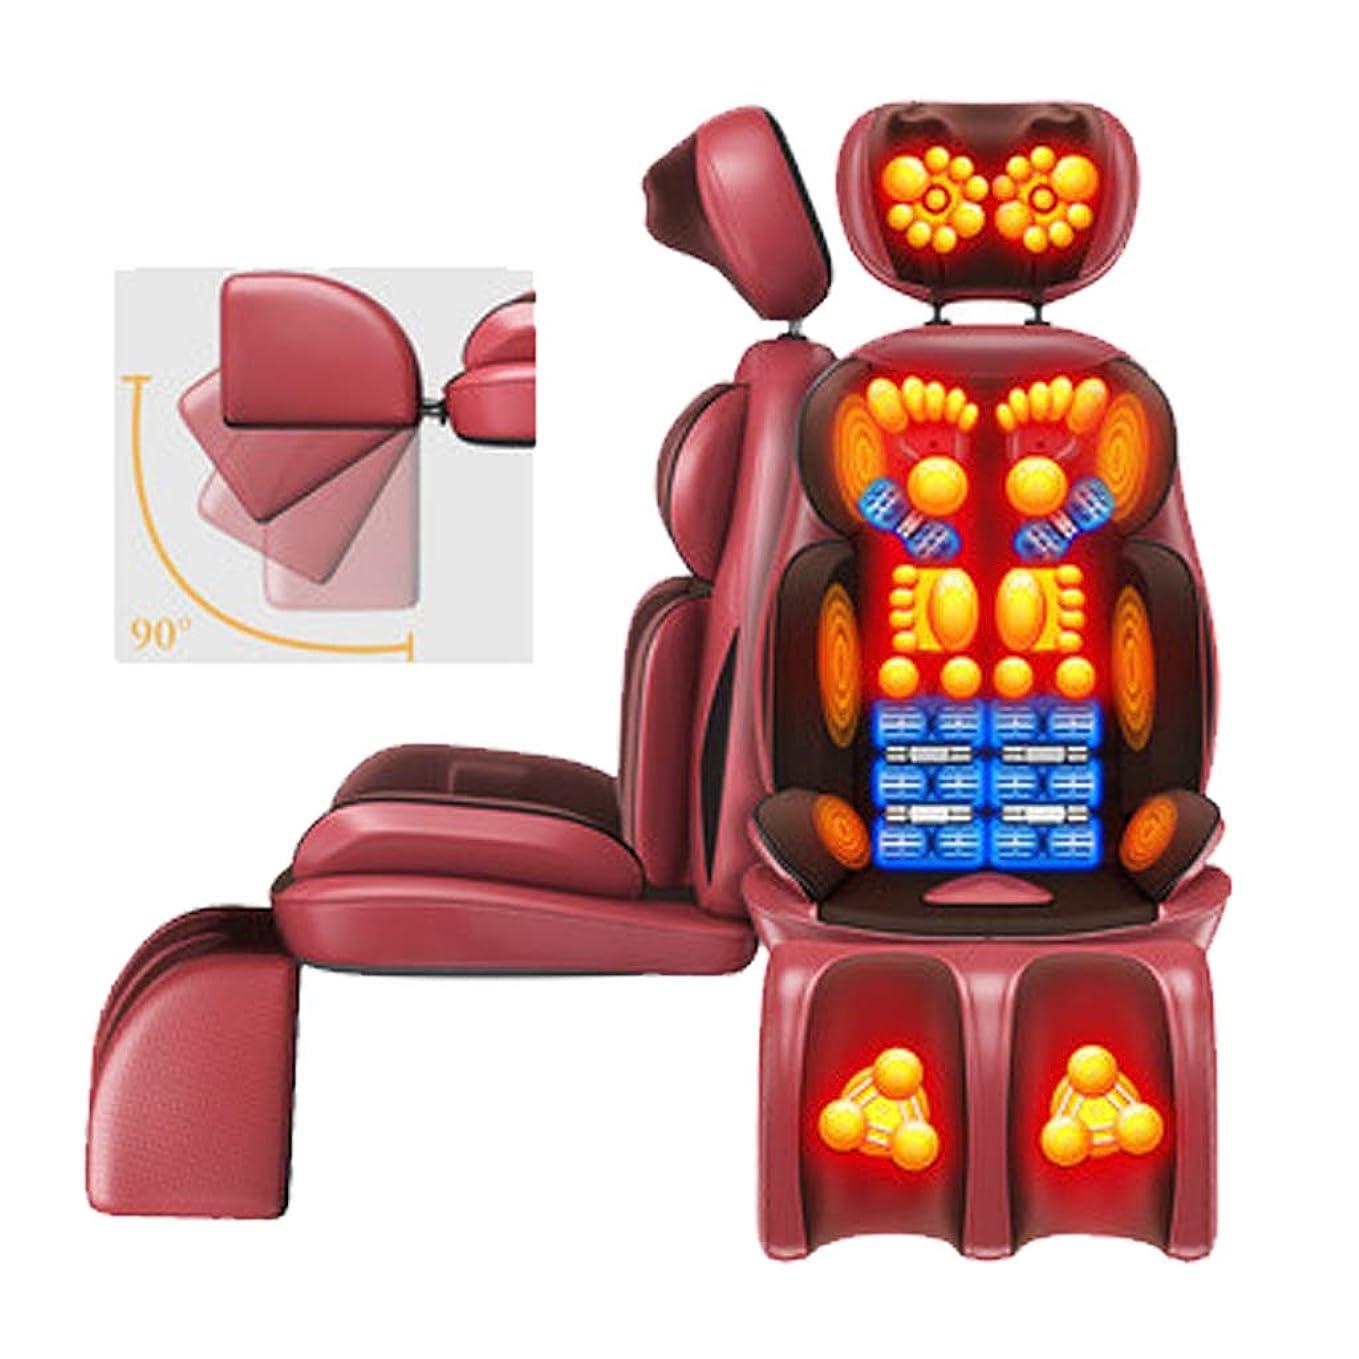 珍しい避難しつけ指圧マッサージチェアパッドネックバックヒップレッグマッサージャー、混練振動なだめるようなヒートマッサージャーのクッション - 家族のための優秀な贈り物(赤/黒)